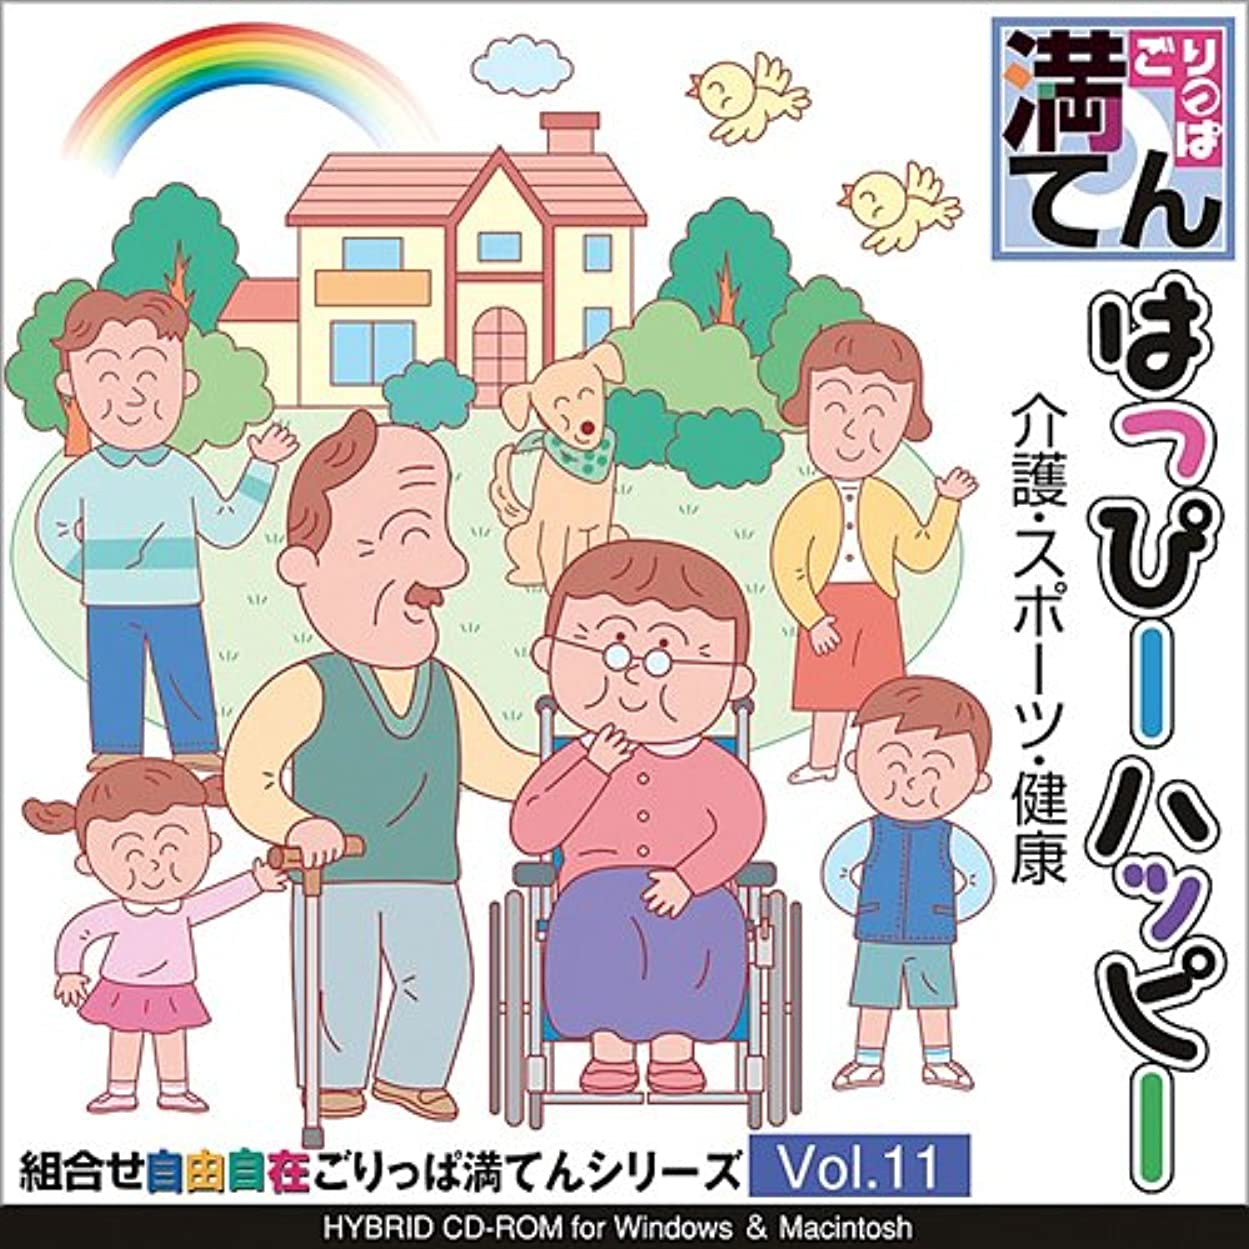 快い無意識動機付けるごりっぱ満てんシリーズ Vol.11「はっぴーハッピー」